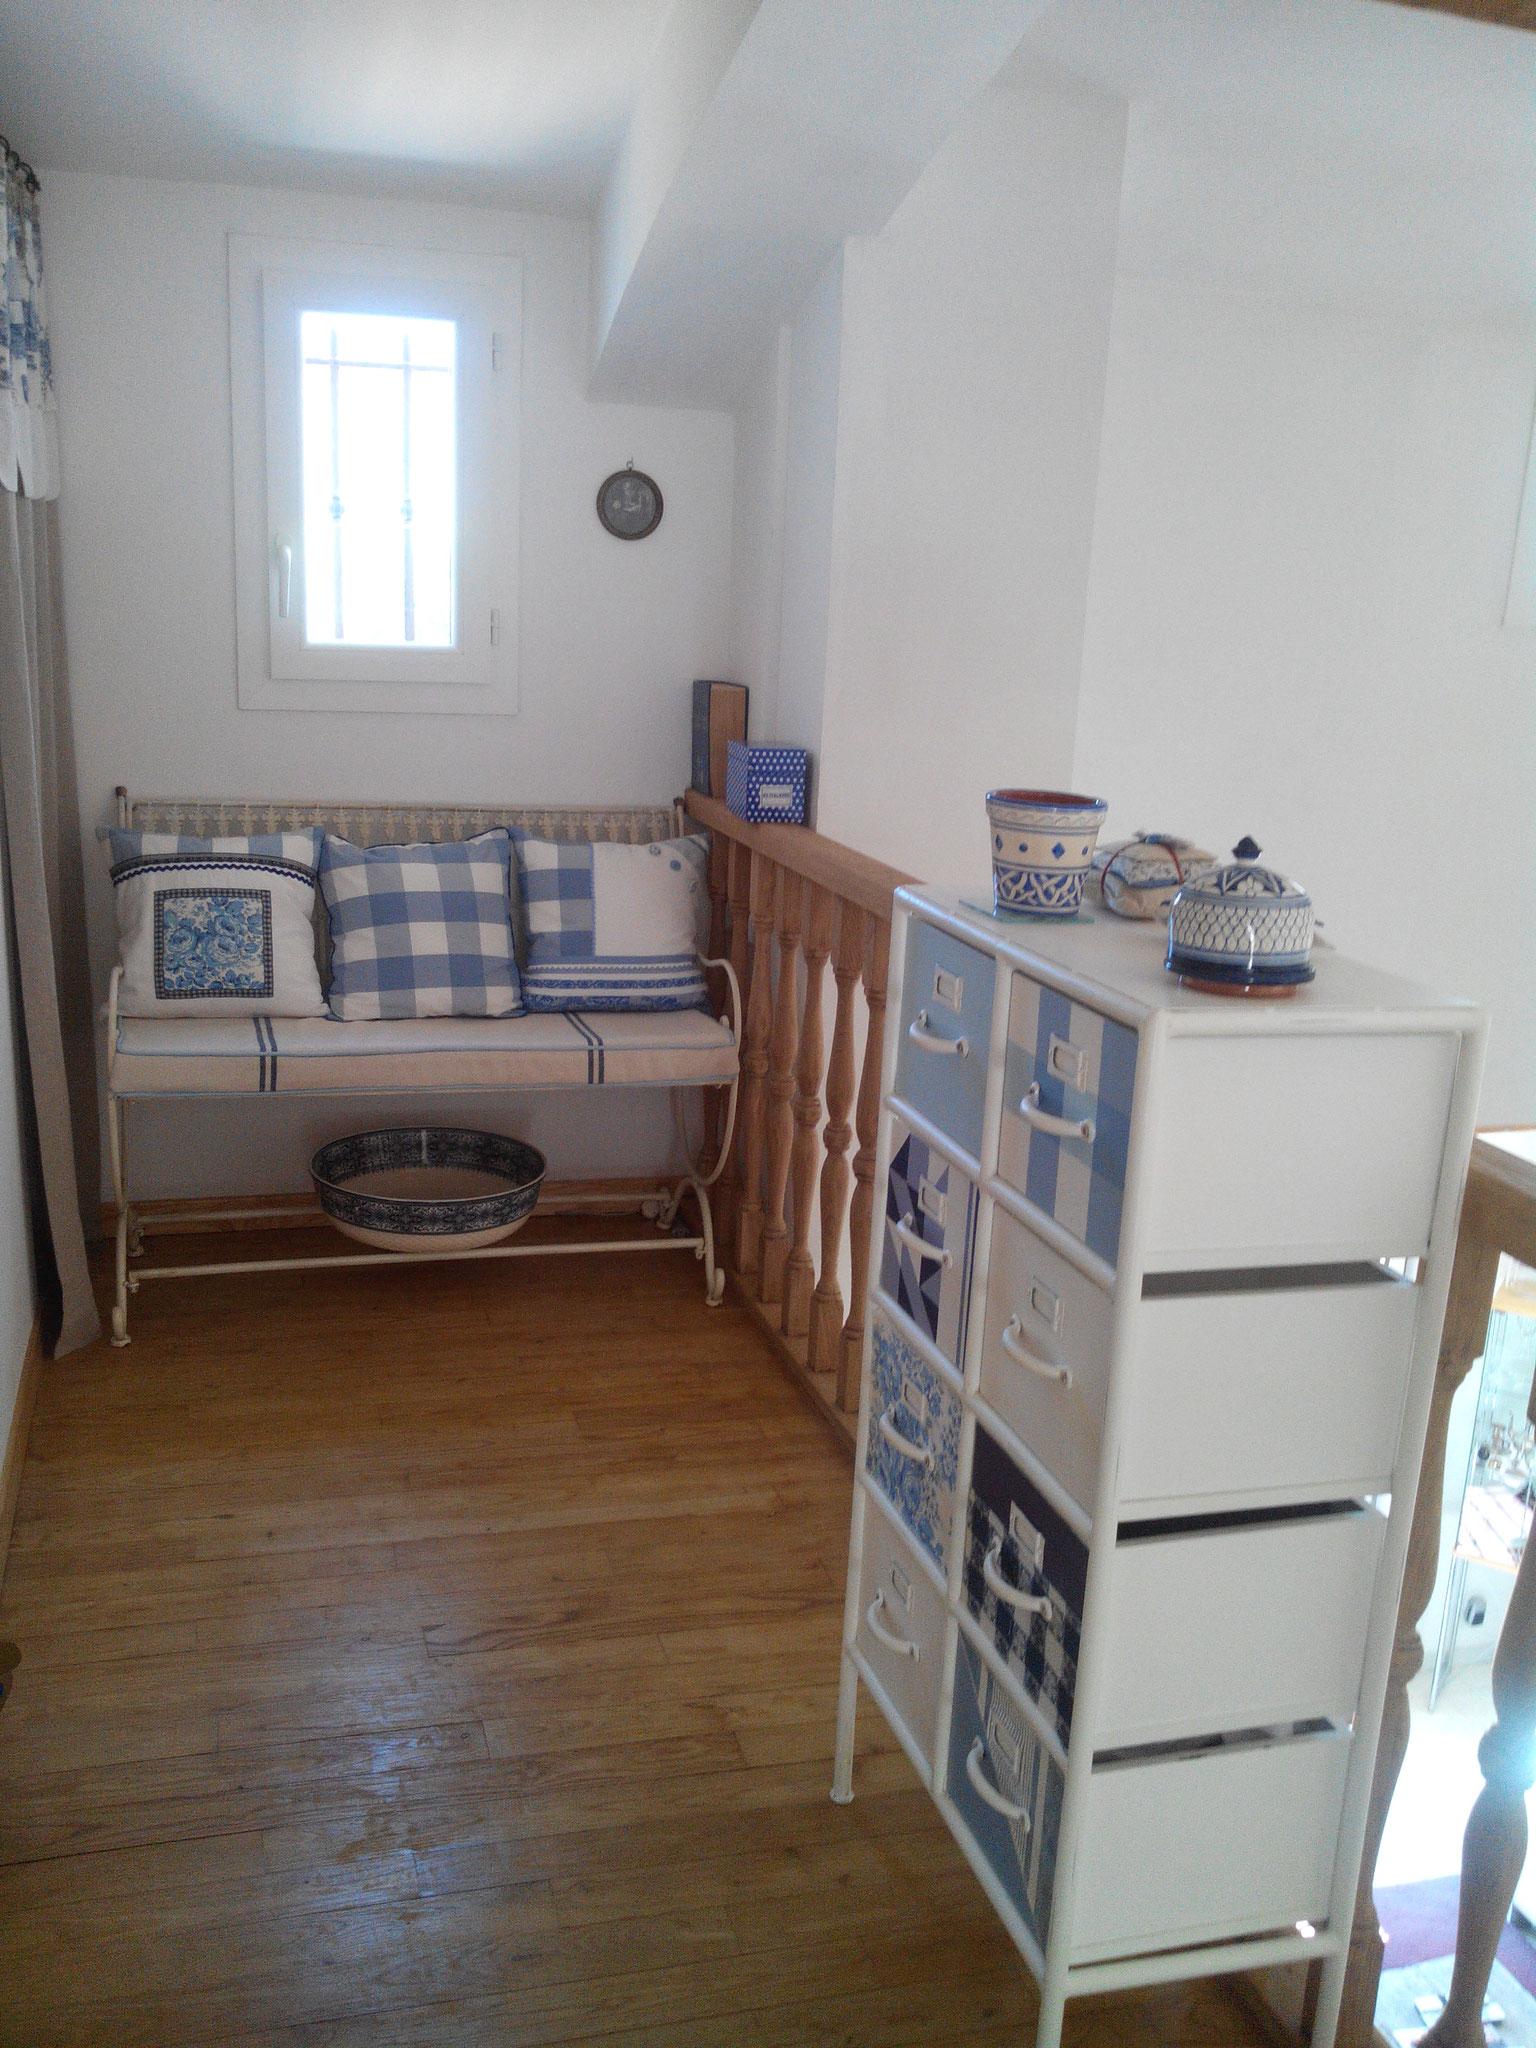 le palier/mezzanine entre les 2 chambres